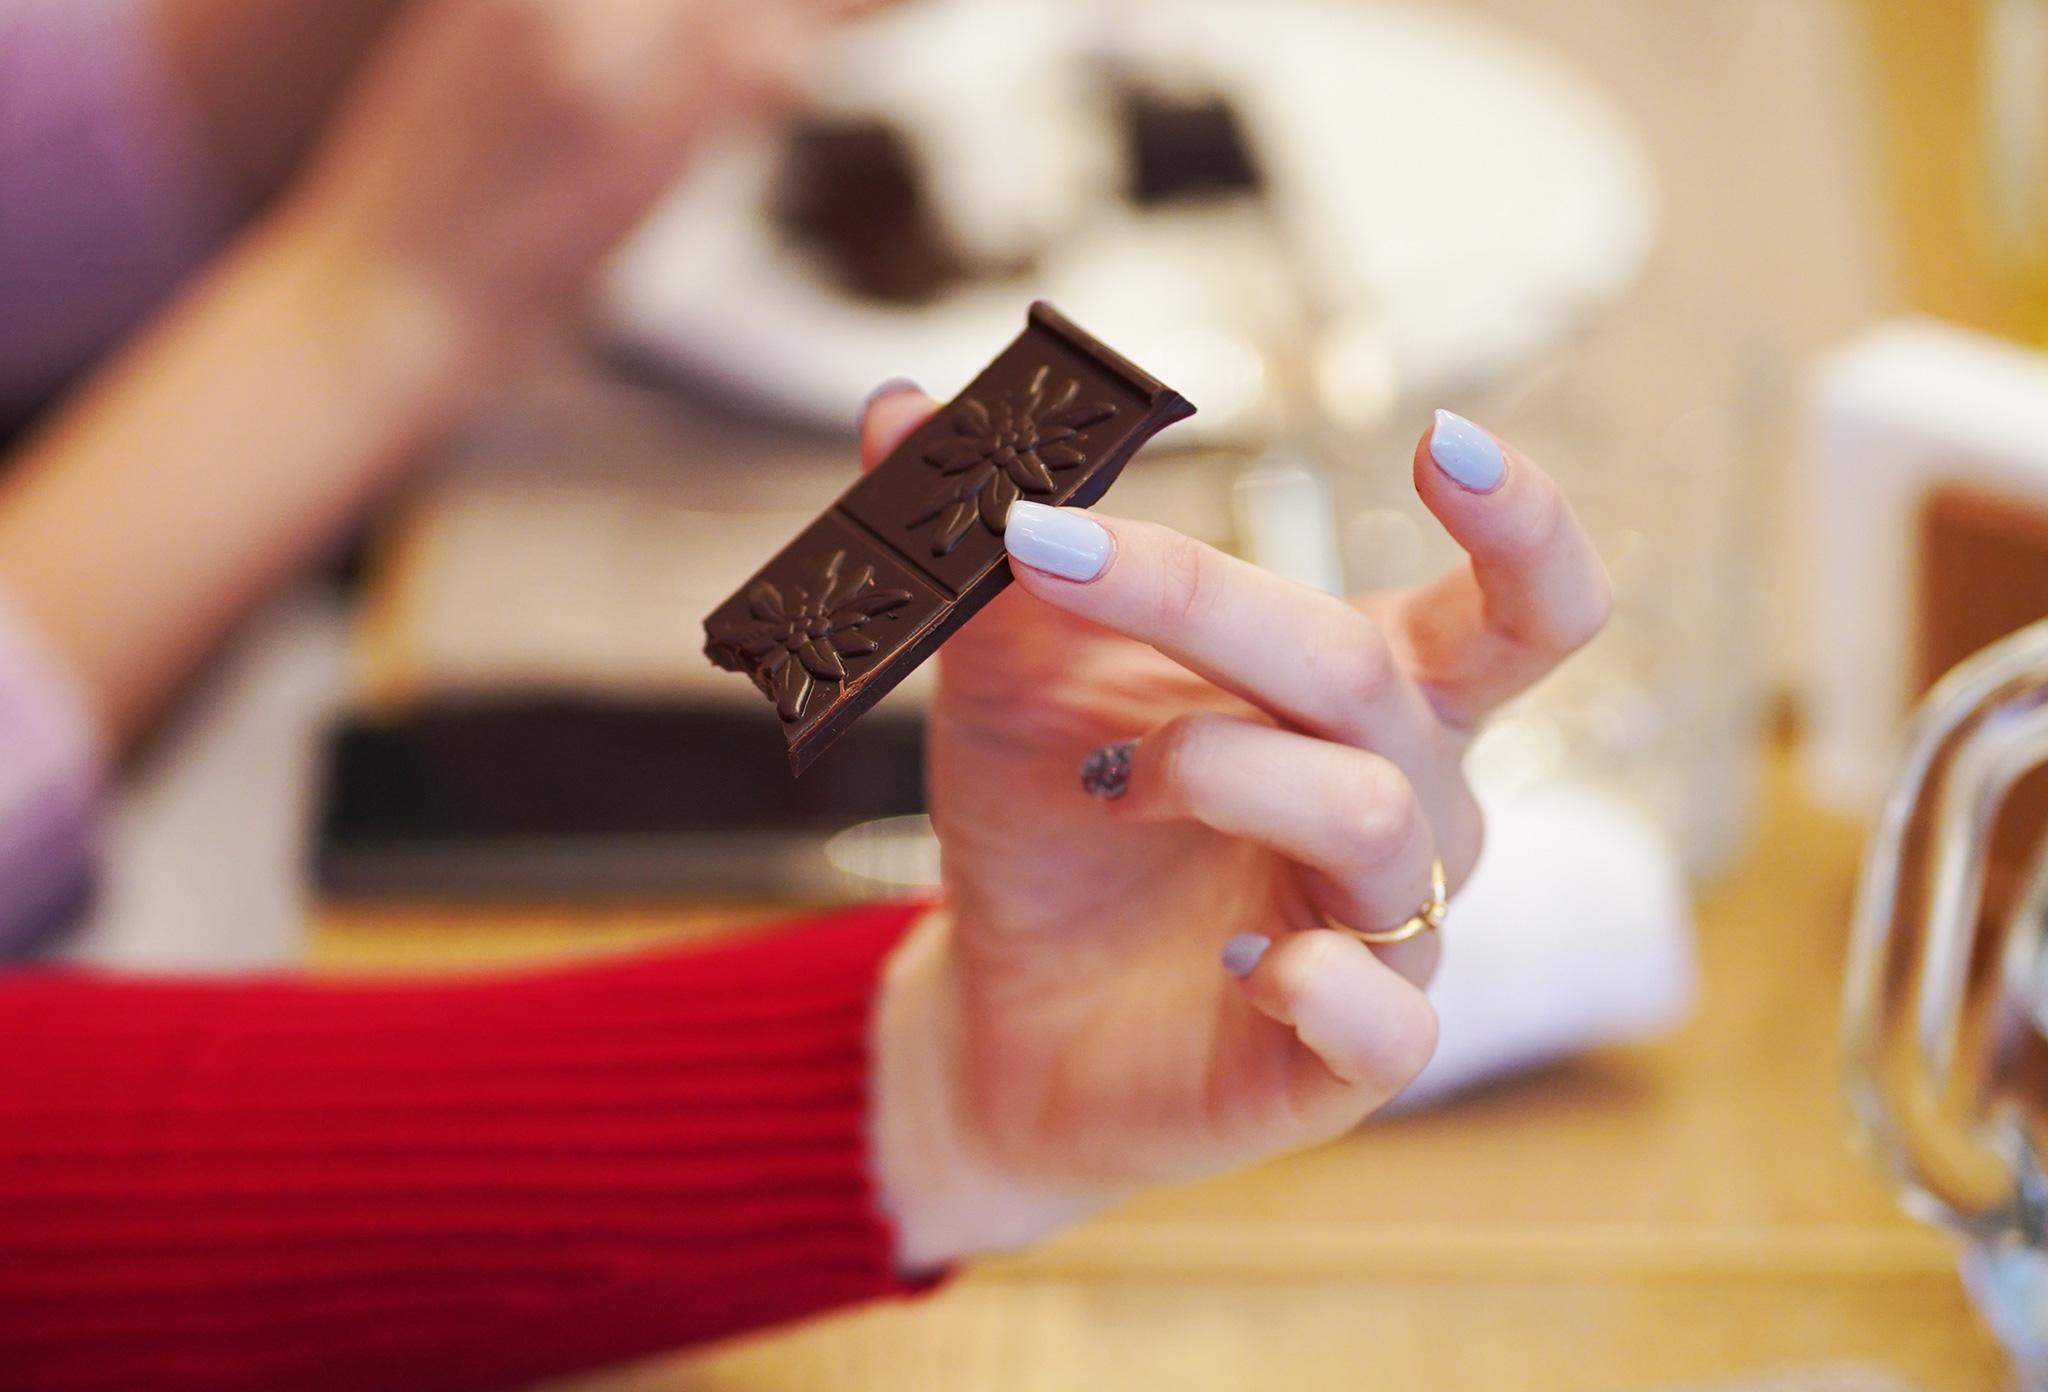 Горький шоколад «Вилларс»